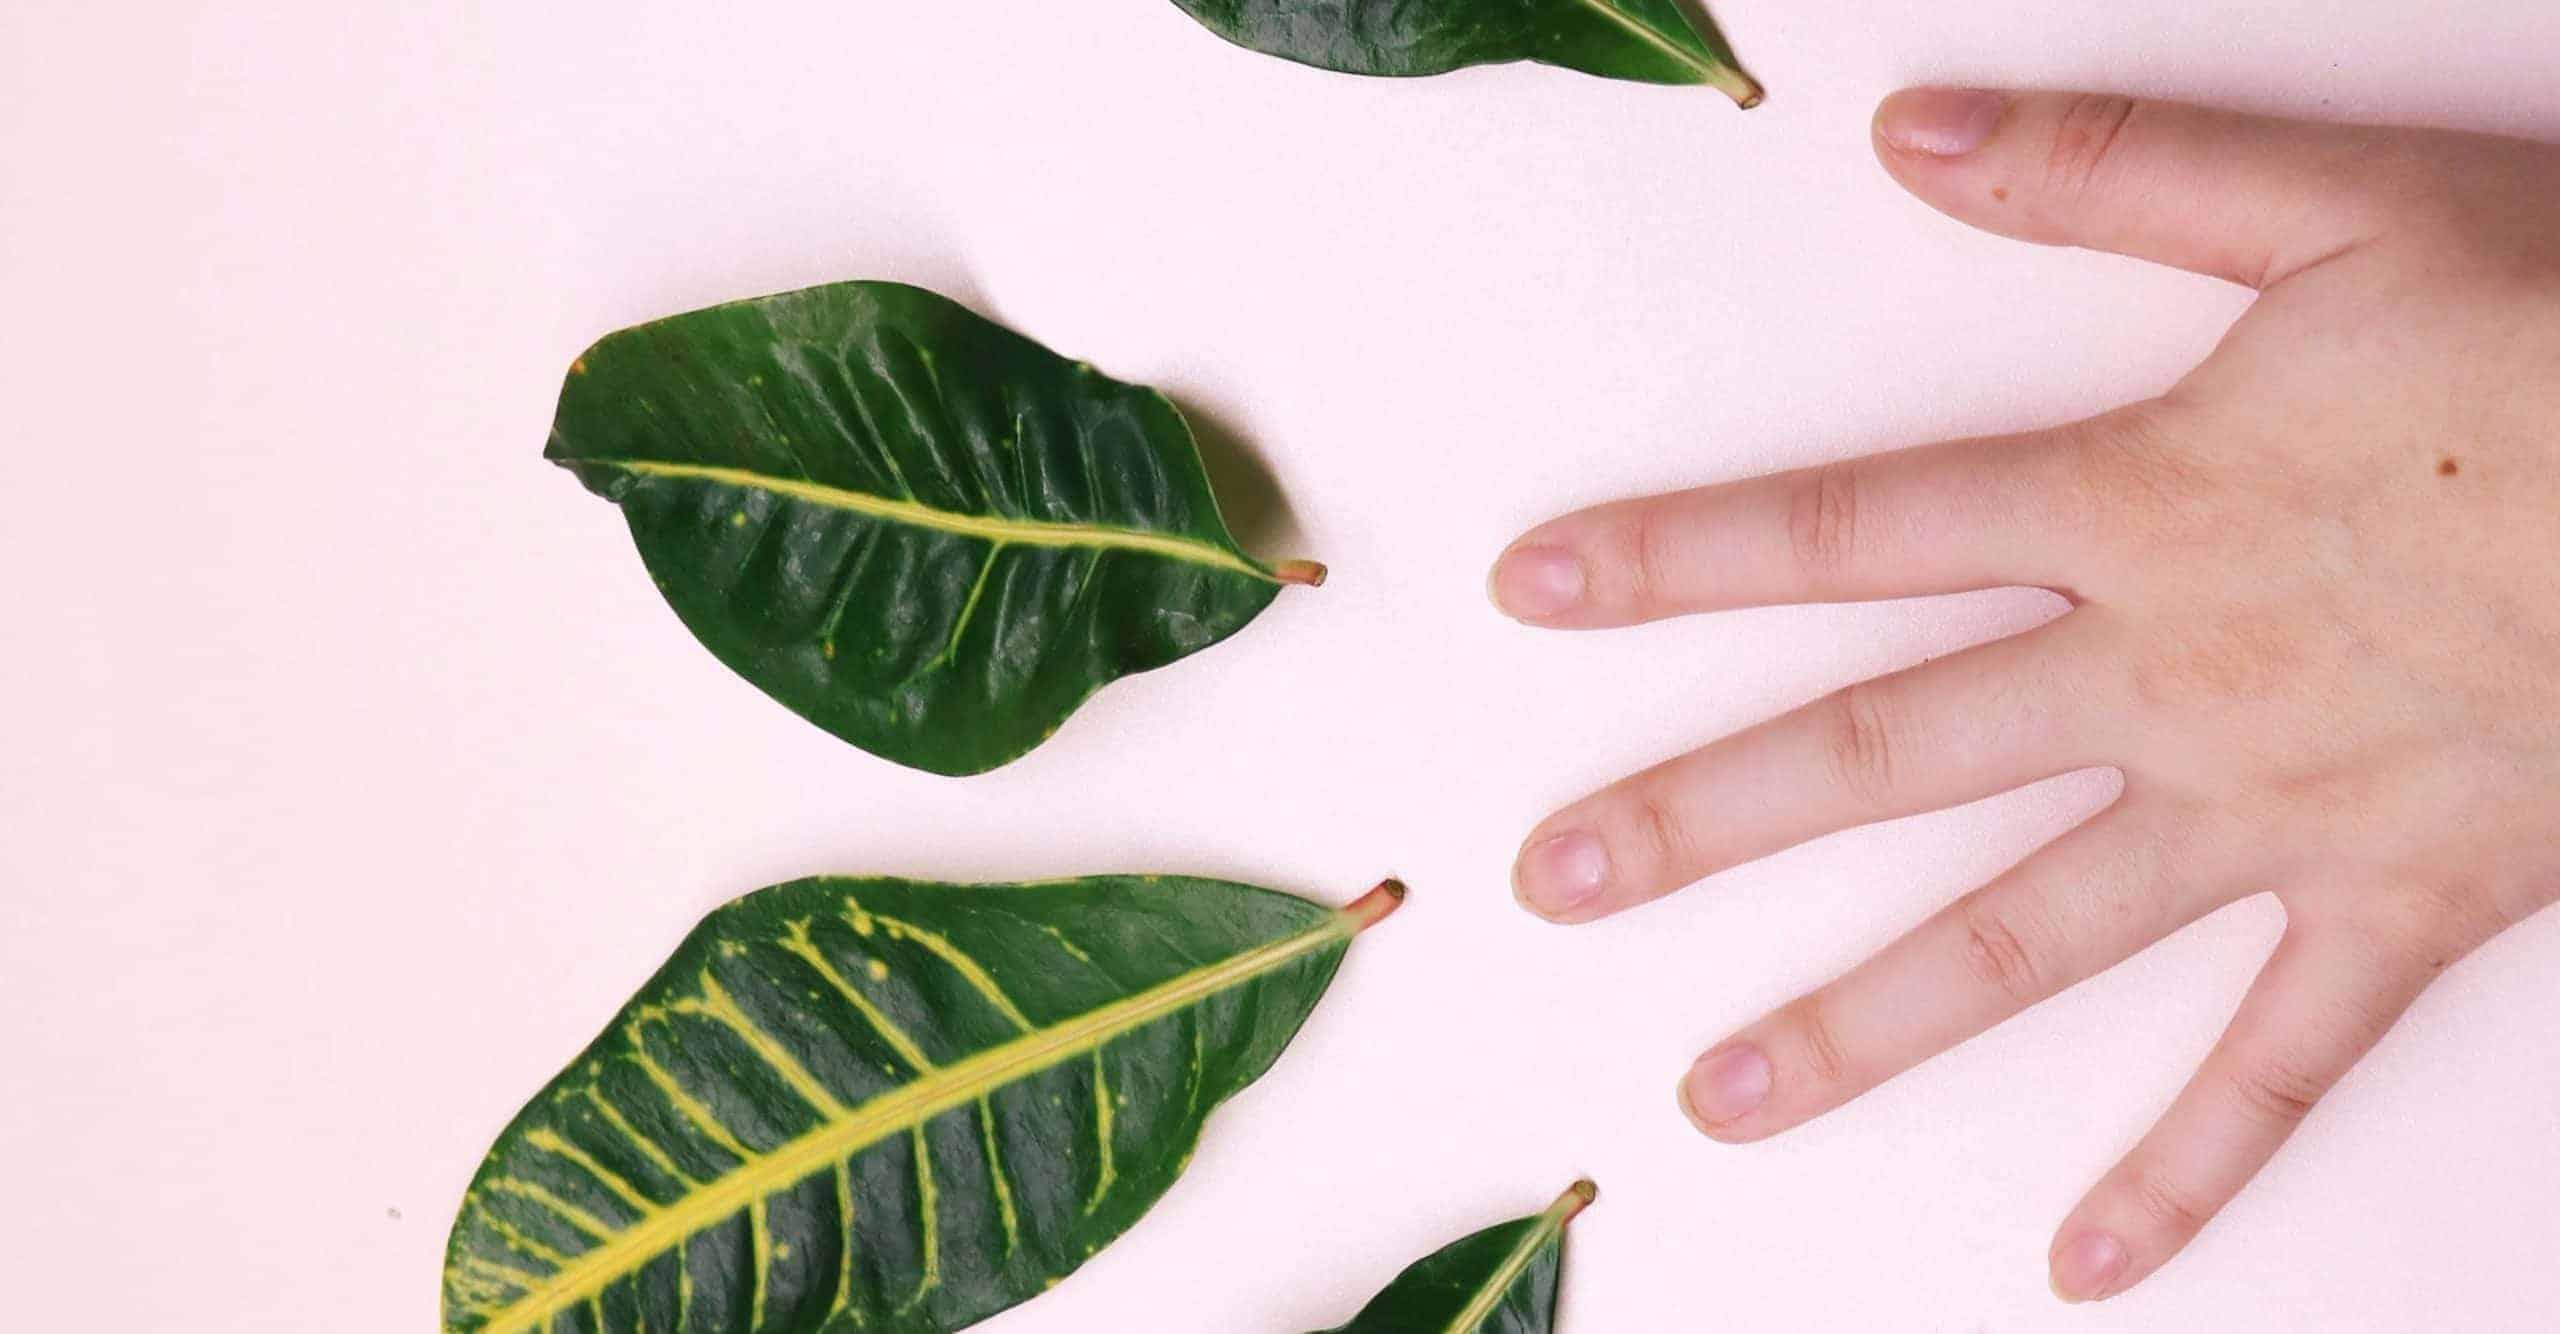 green-tea-for-skin-6374825